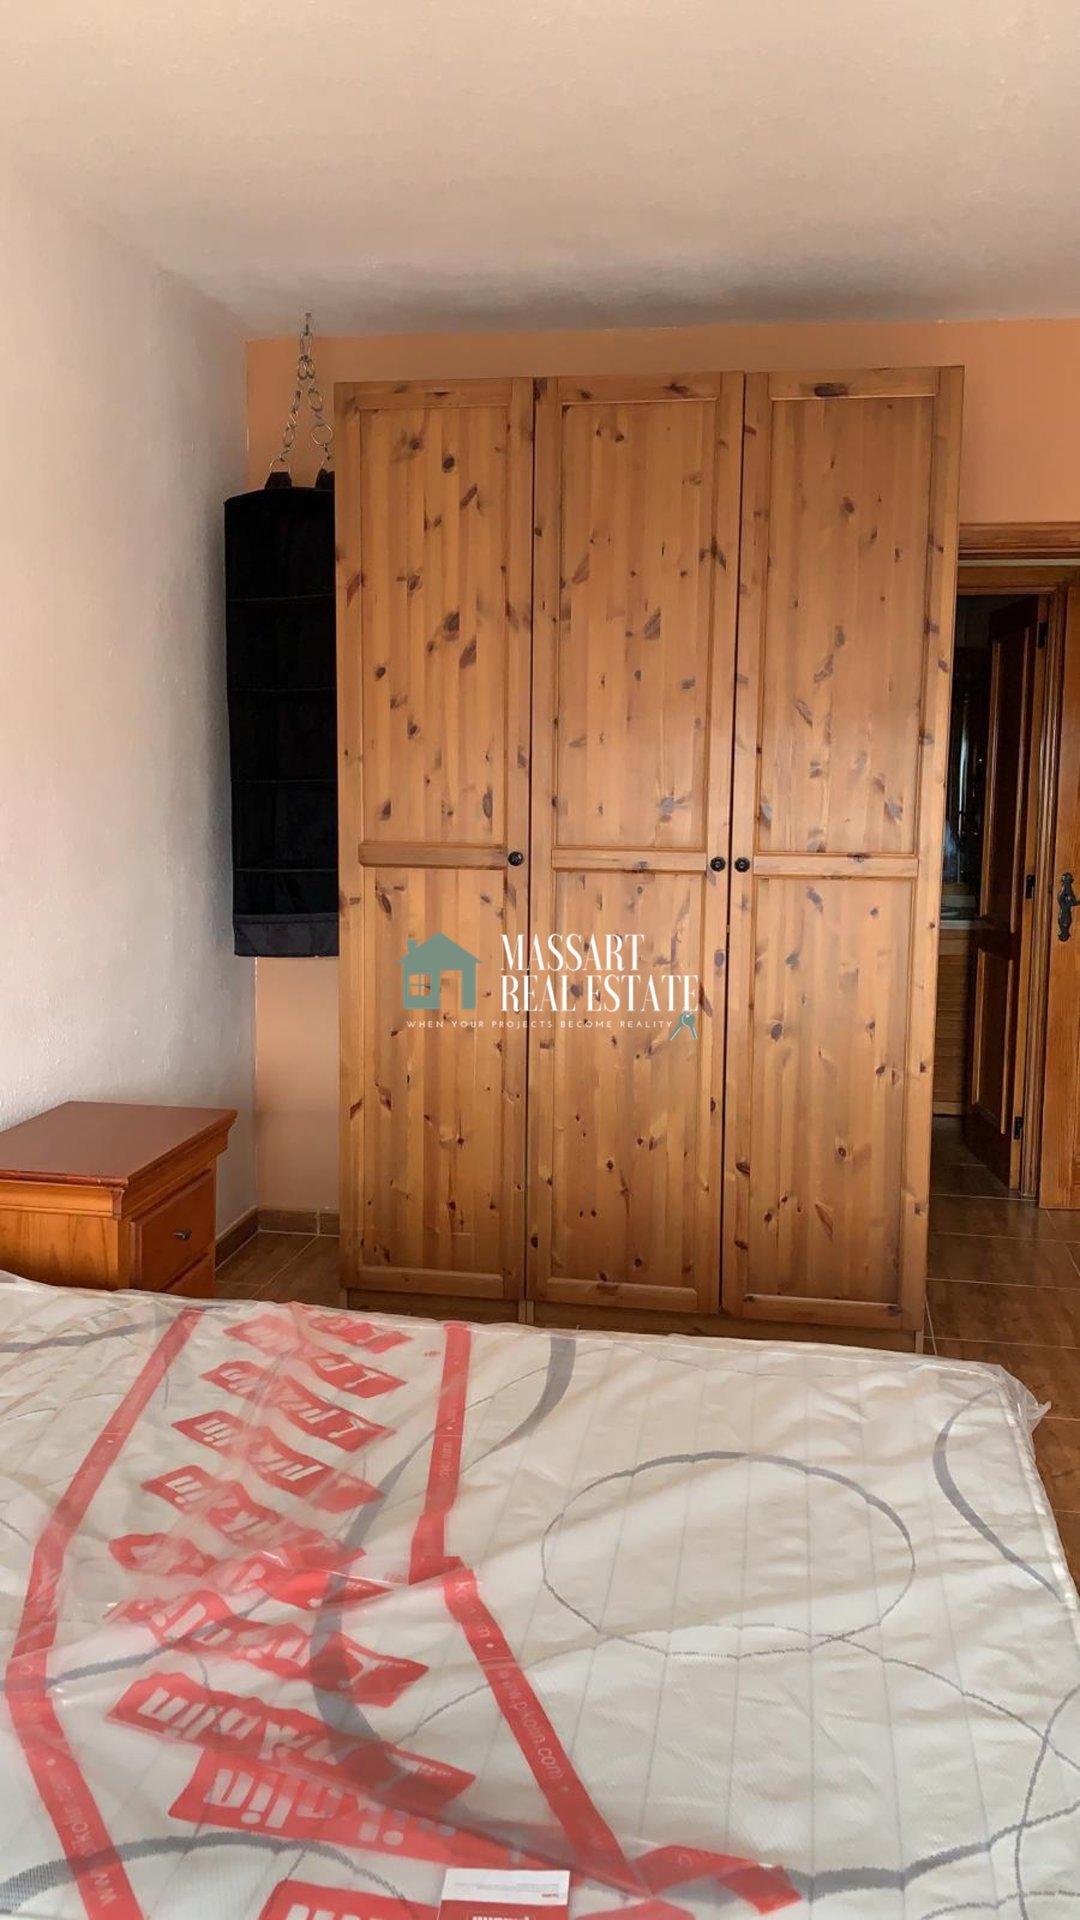 In affitto a Playa Paraíso, nel complesso residenziale Club Paraíso, un appartamento di circa 55 m2 completamente arredato e in ottime condizioni.